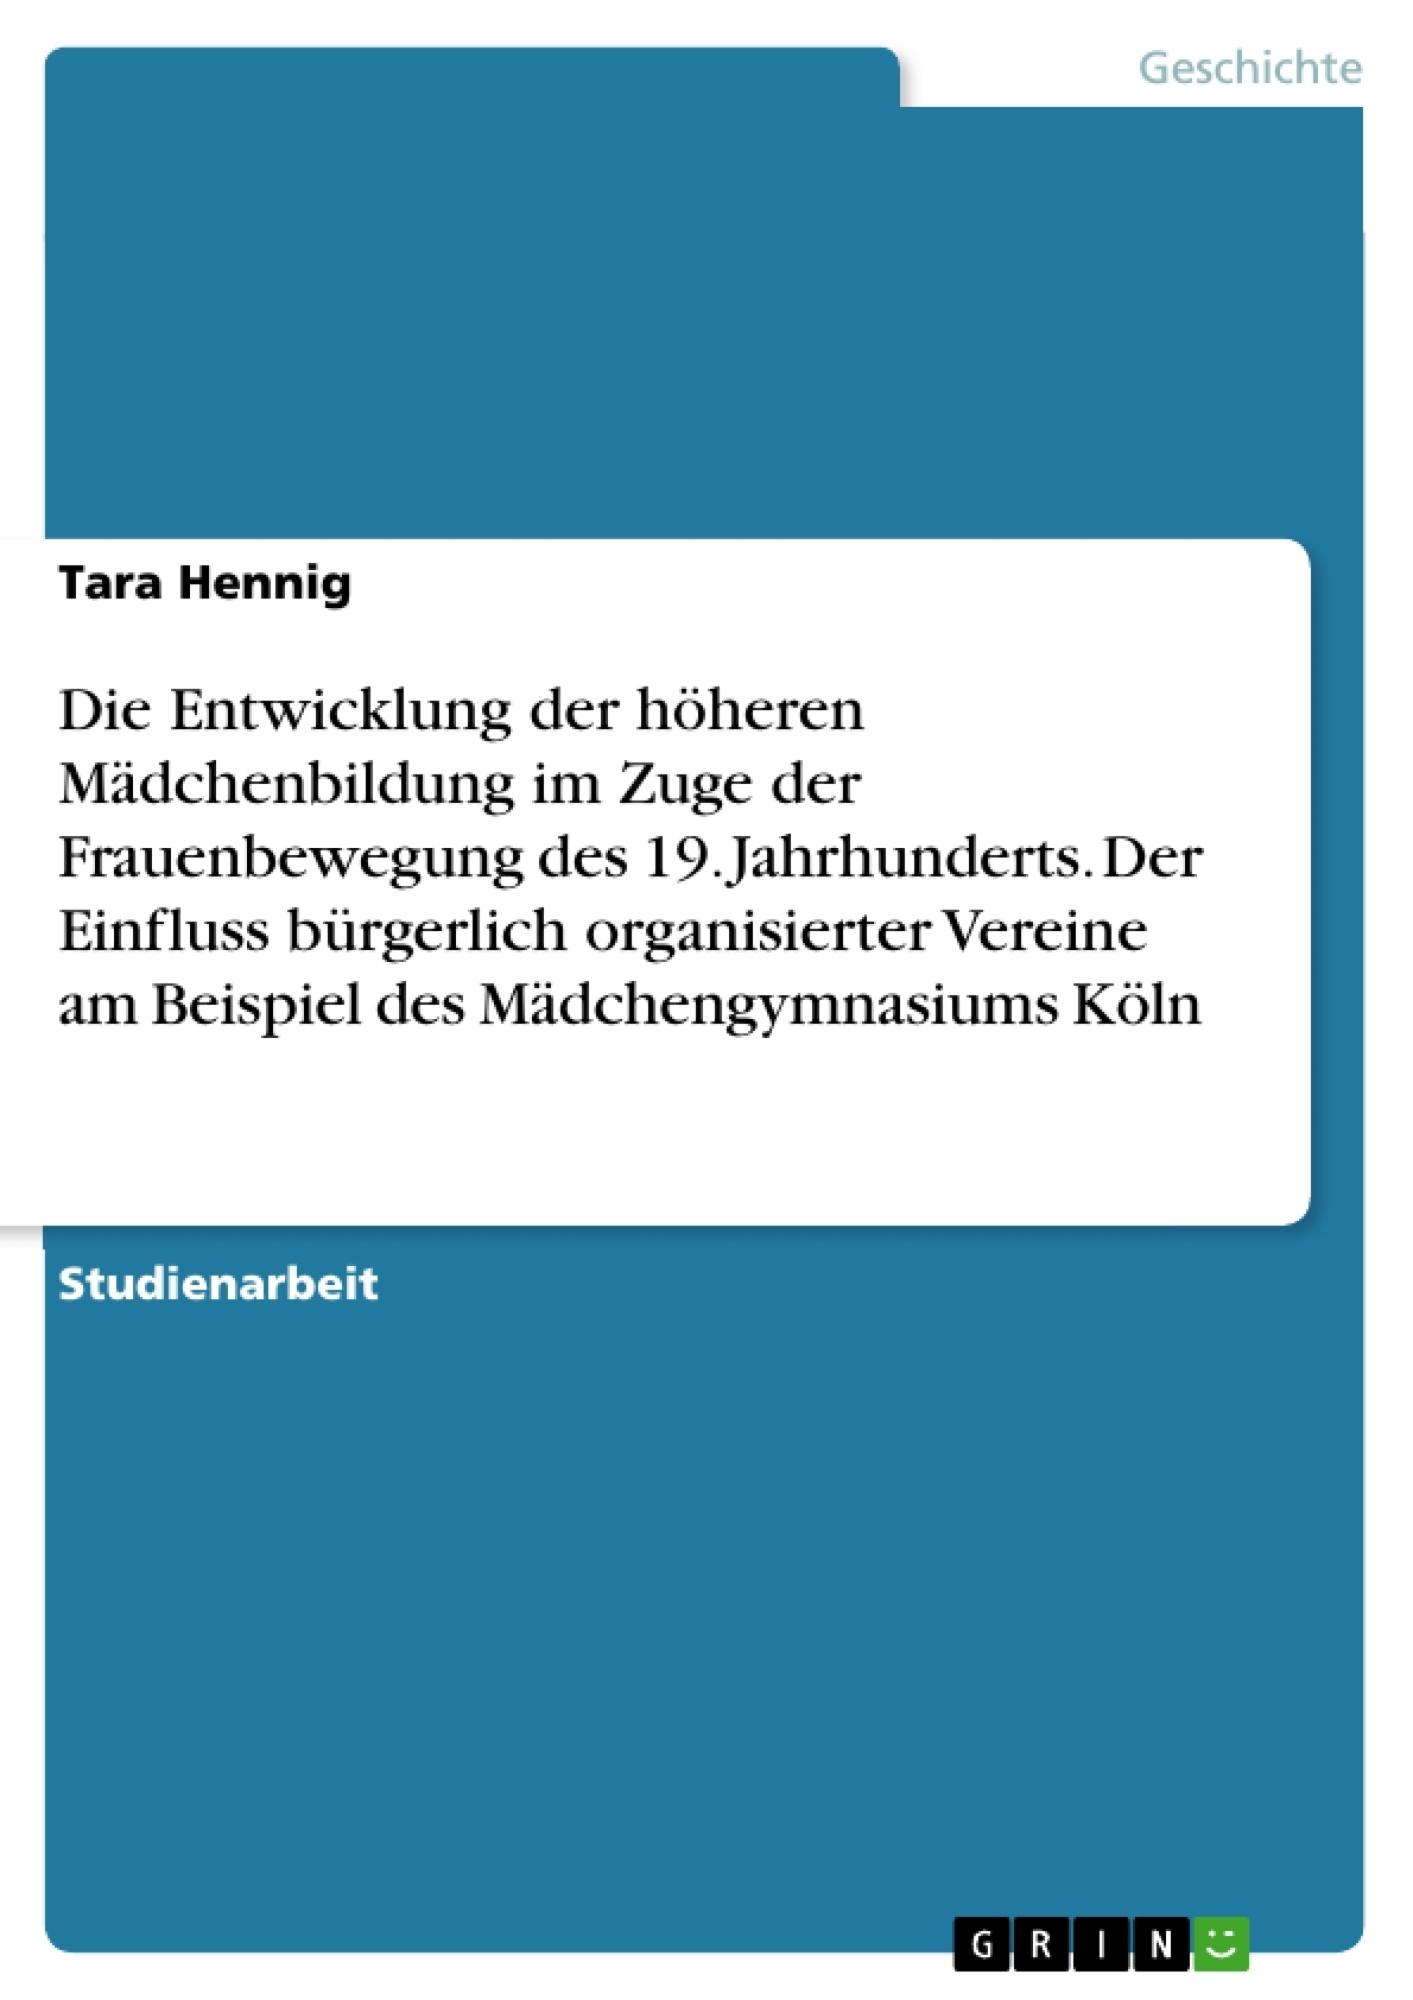 Titel: Die Entwicklung der höheren Mädchenbildung im Zuge der Frauenbewegung des 19. Jahrhunderts. Der Einfluss bürgerlich organisierter Vereine am Beispiel des Mädchengymnasiums Köln